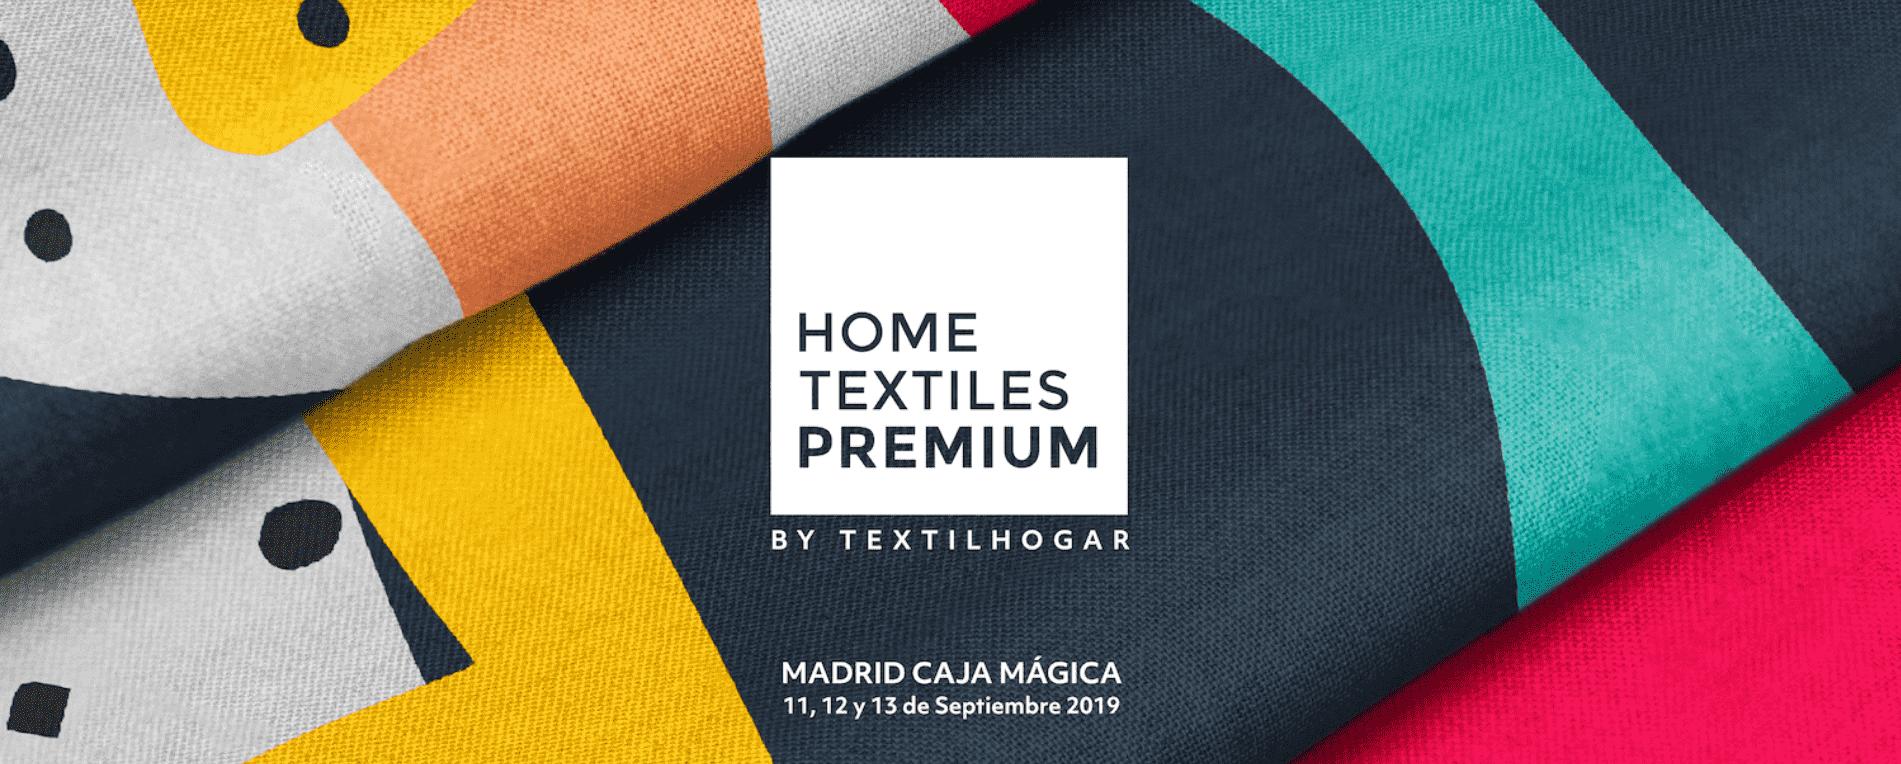 Feria Textilhogar 2019